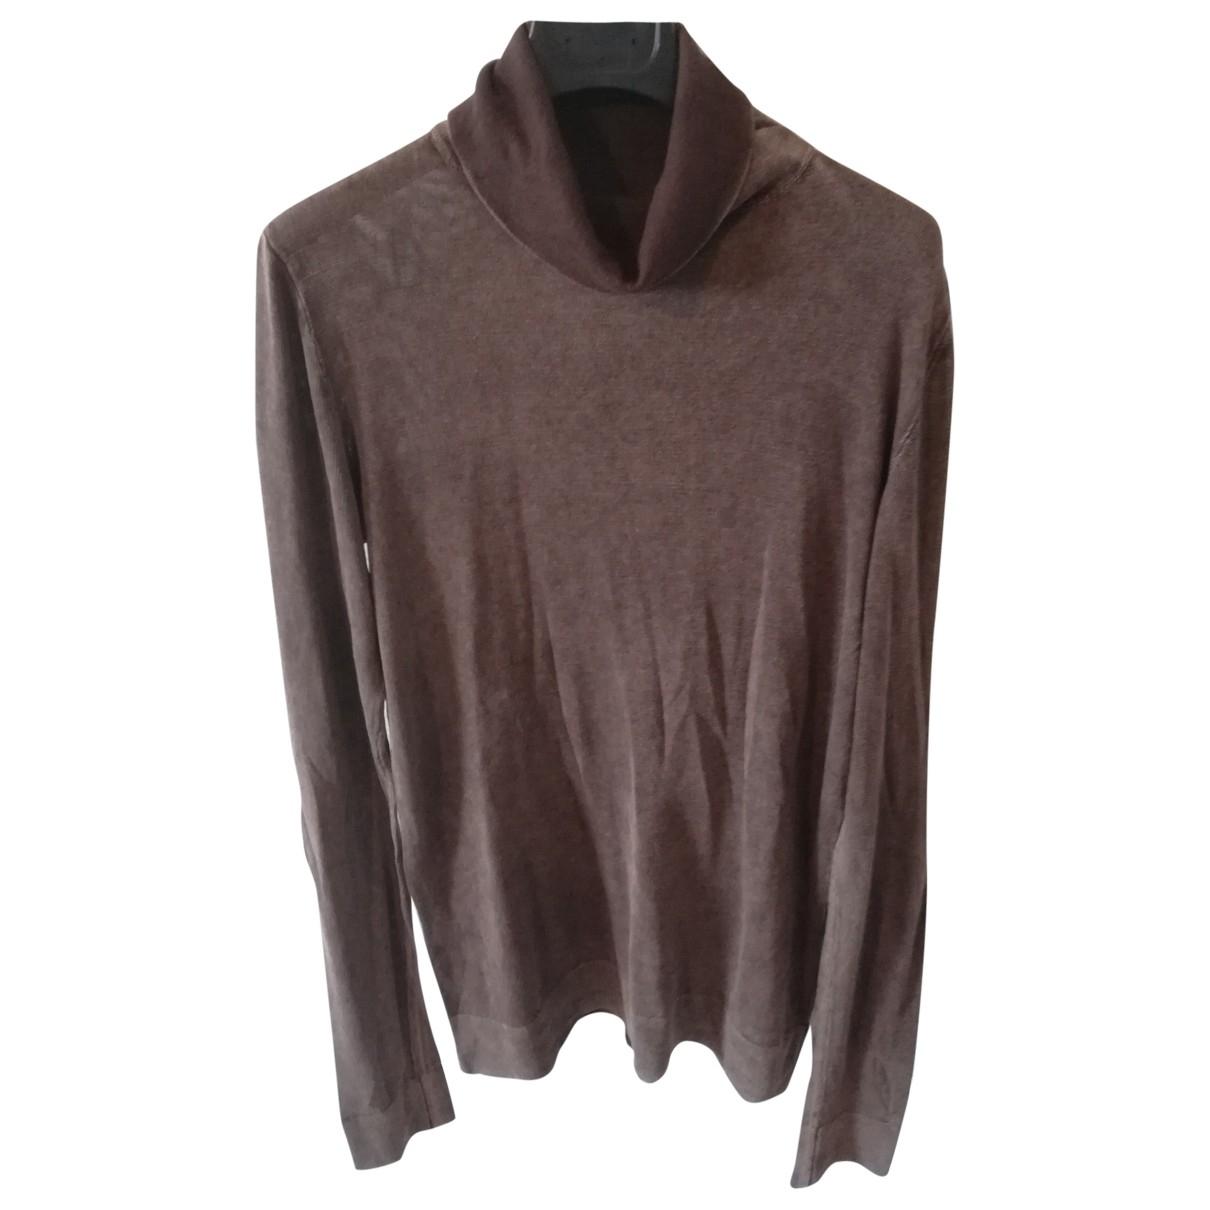 Mm6 - Top   pour femme en coton - marron